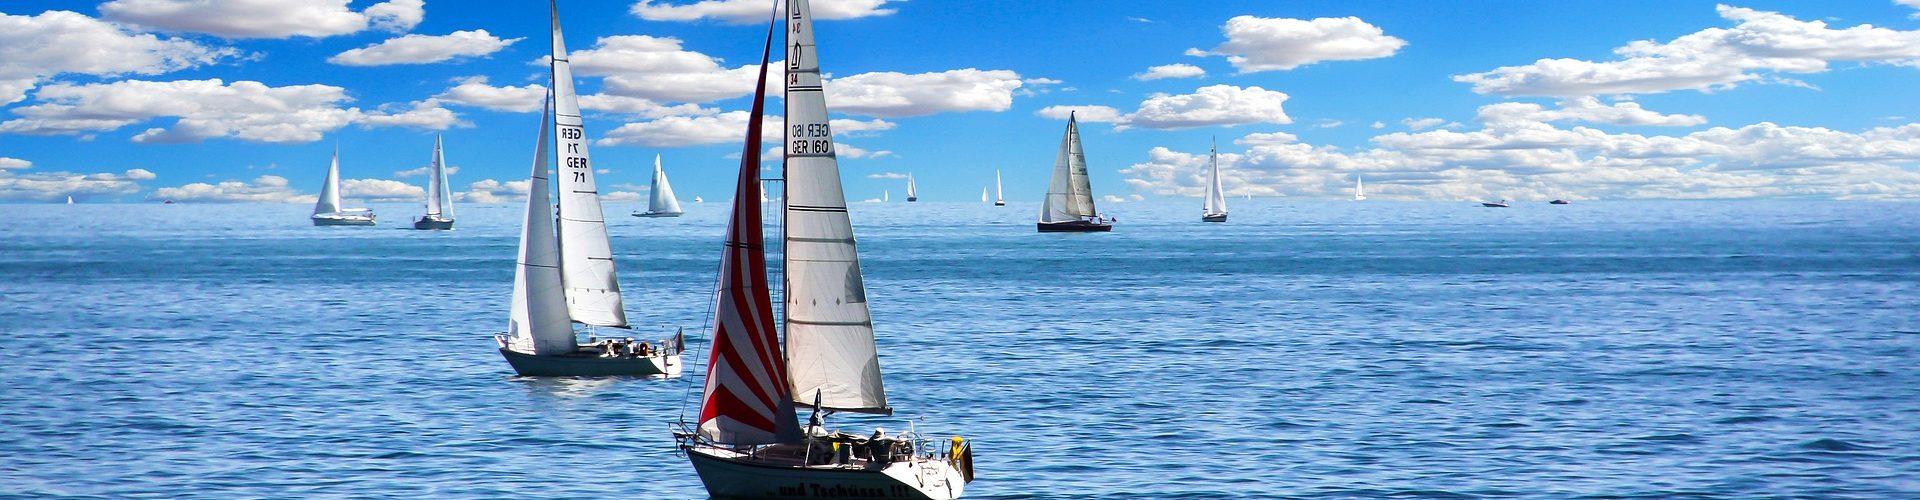 segeln lernen in Niendorf segelschein machen in Niendorf 1920x500 - Segeln lernen in Niendorf